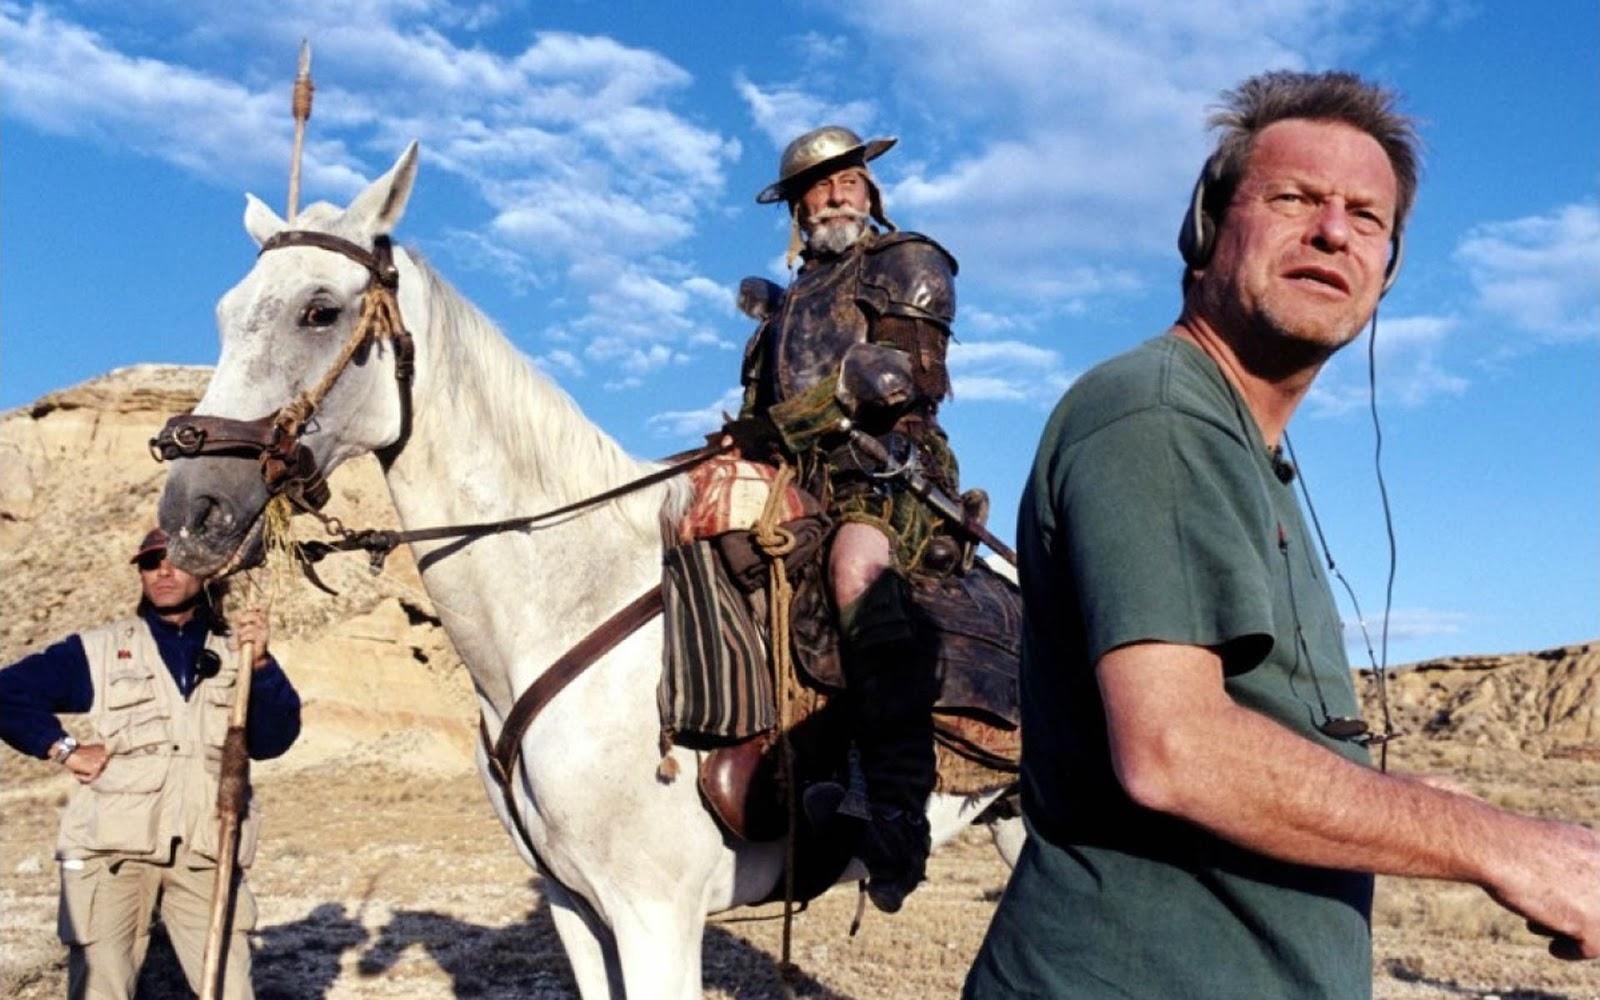 """""""Lost in La Mancha"""", """"The Man Who Killed Don Quixote"""" han sido títulos de este filme maldito que ha tenido siete intentonas para rodarse.  """"Luchamos contra maldición"""", afirma Adrián Guerra. En la imagen, momento del rodaje en 2000, cuando Don Quijote iba a ser interpretado por Jean Rochefort."""